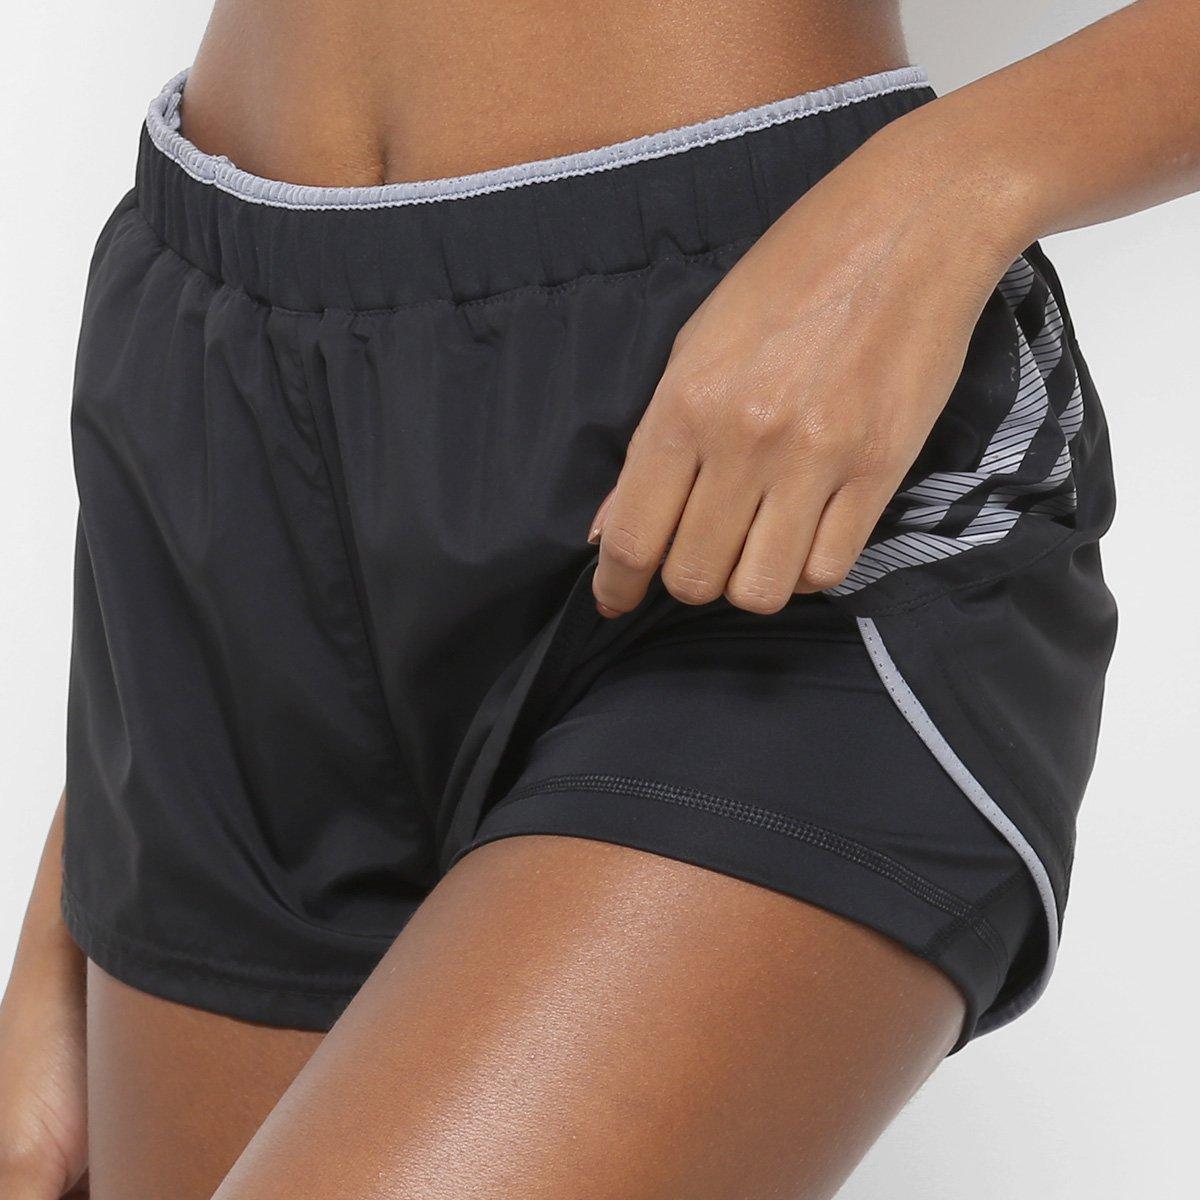 Short de Compressão Adidas Alphaskin Sport 3 Pol Feminino - Compre ... 0f321c0fcd54a